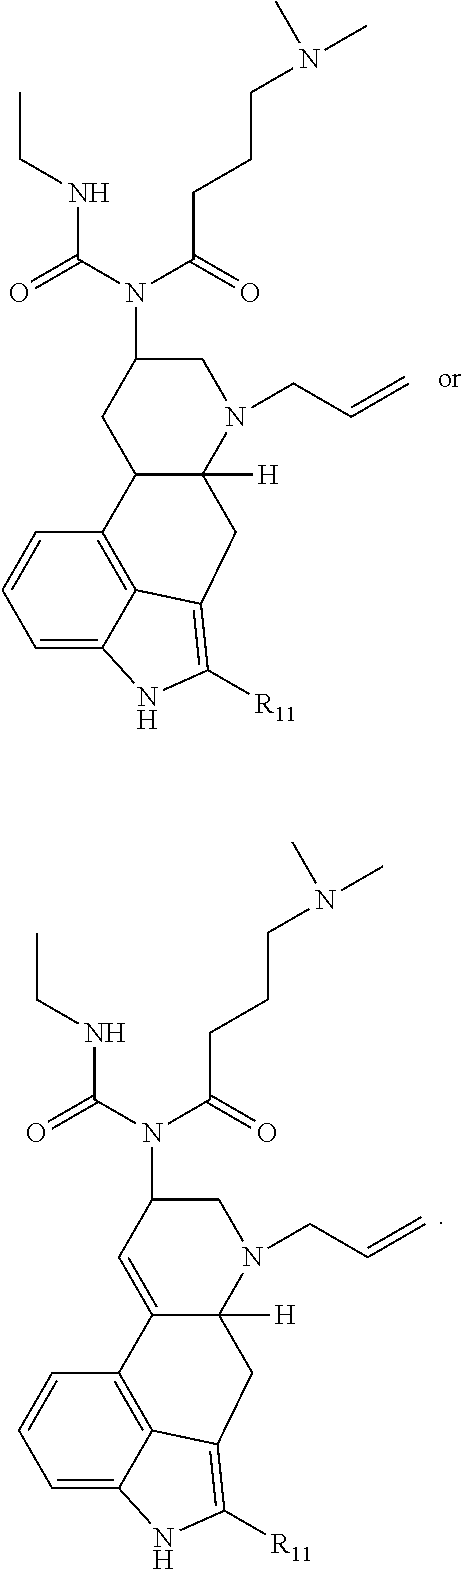 Figure US08592445-20131126-C00030